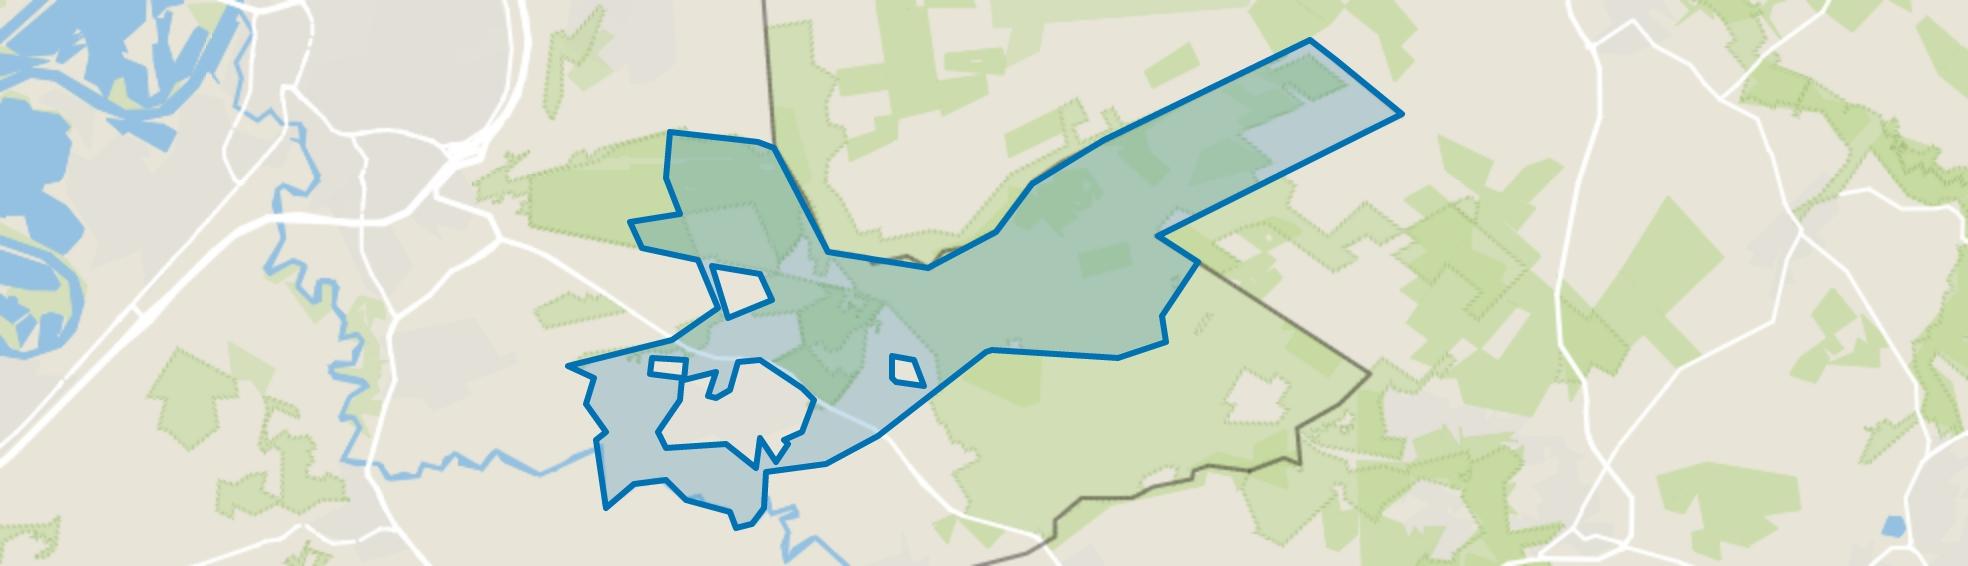 Buitengebied Herkenbosch, Herkenbosch map